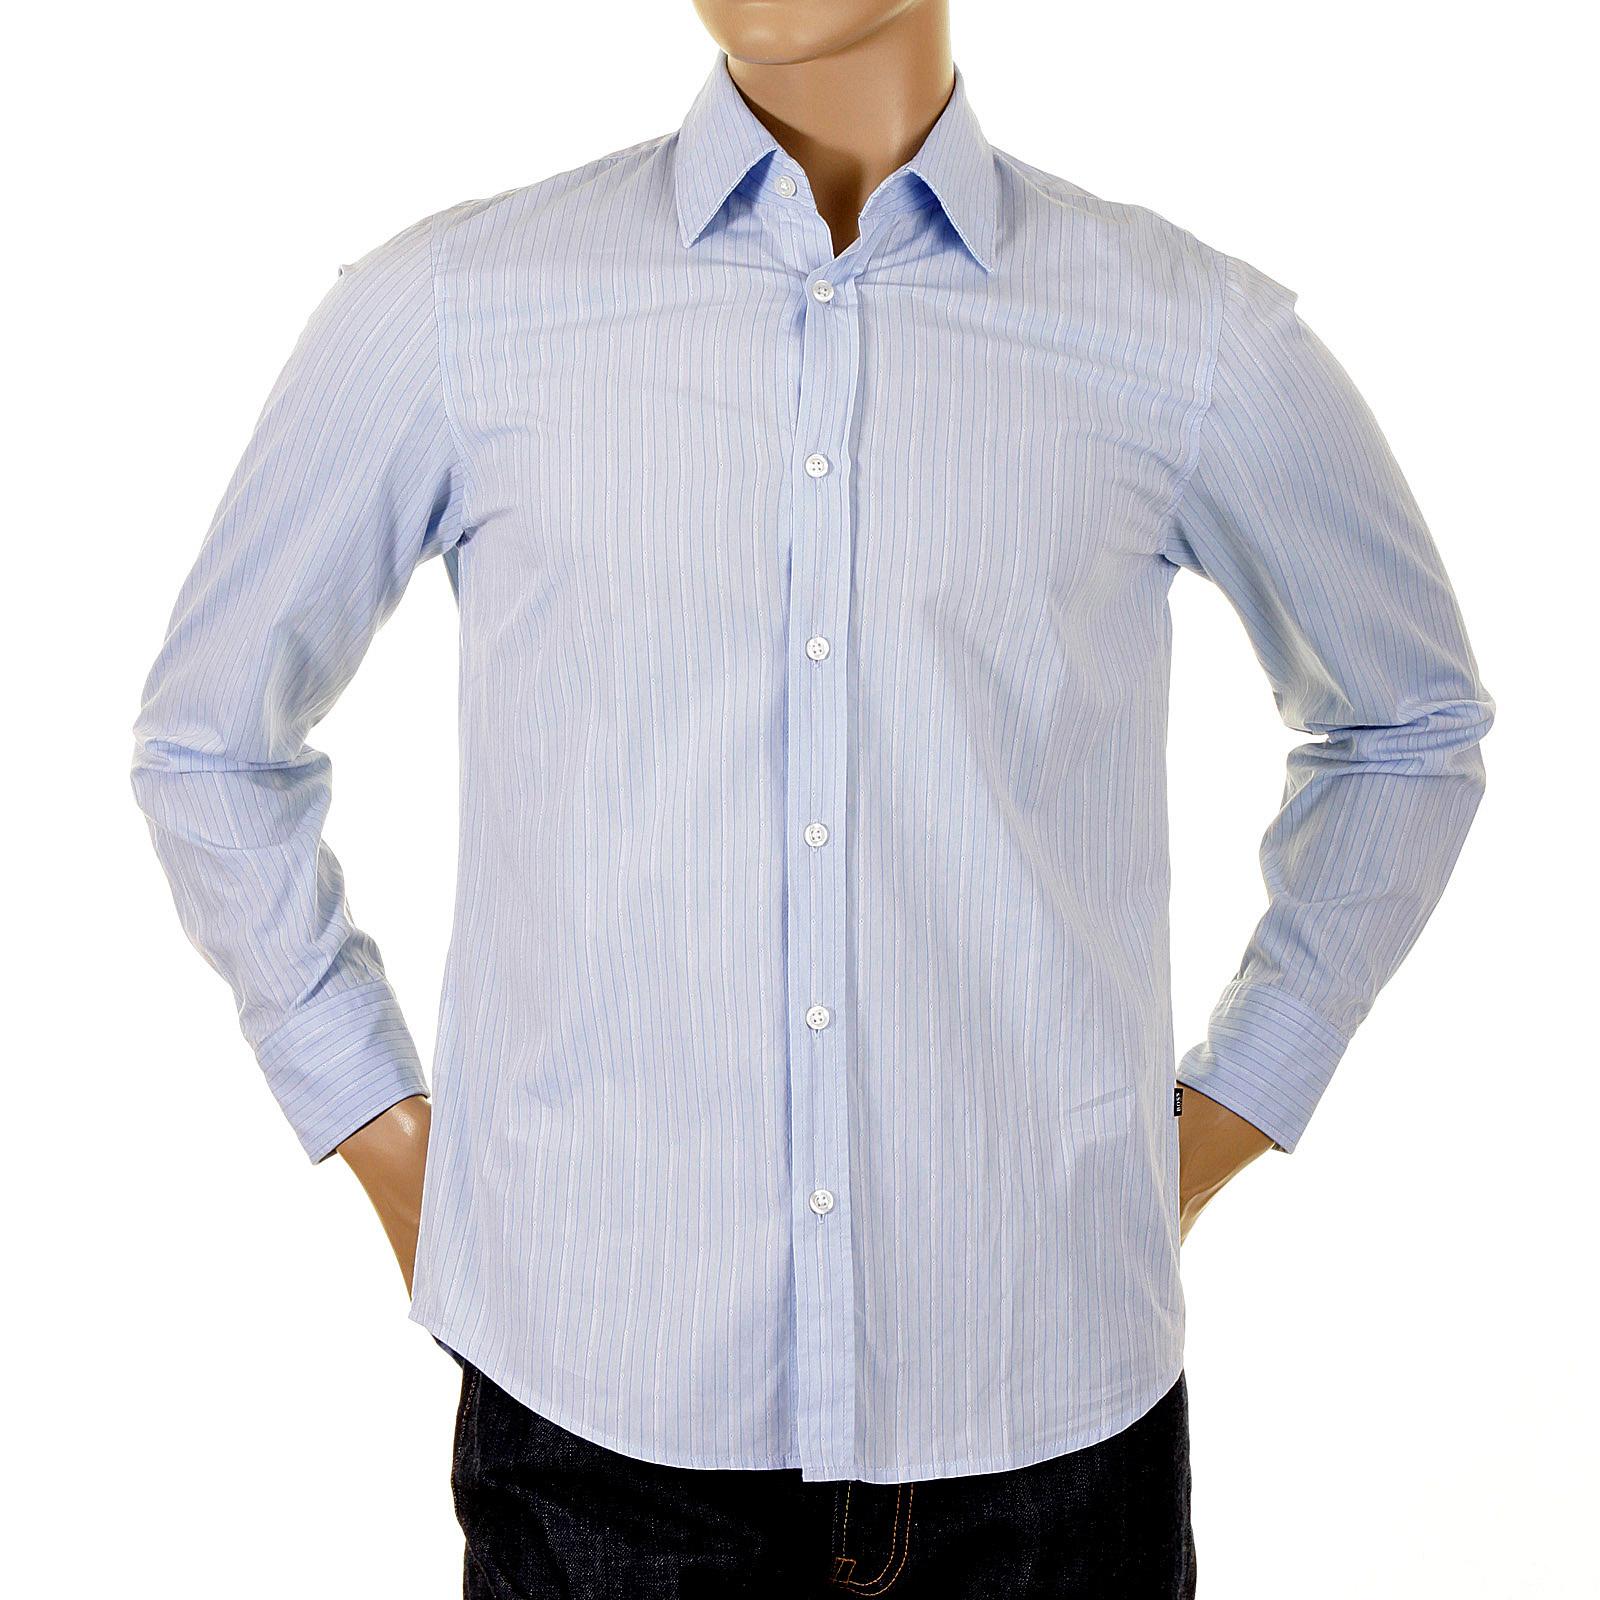 Hugo Boss Shirt Lex 02731750 Pale Blue Striped Shirt